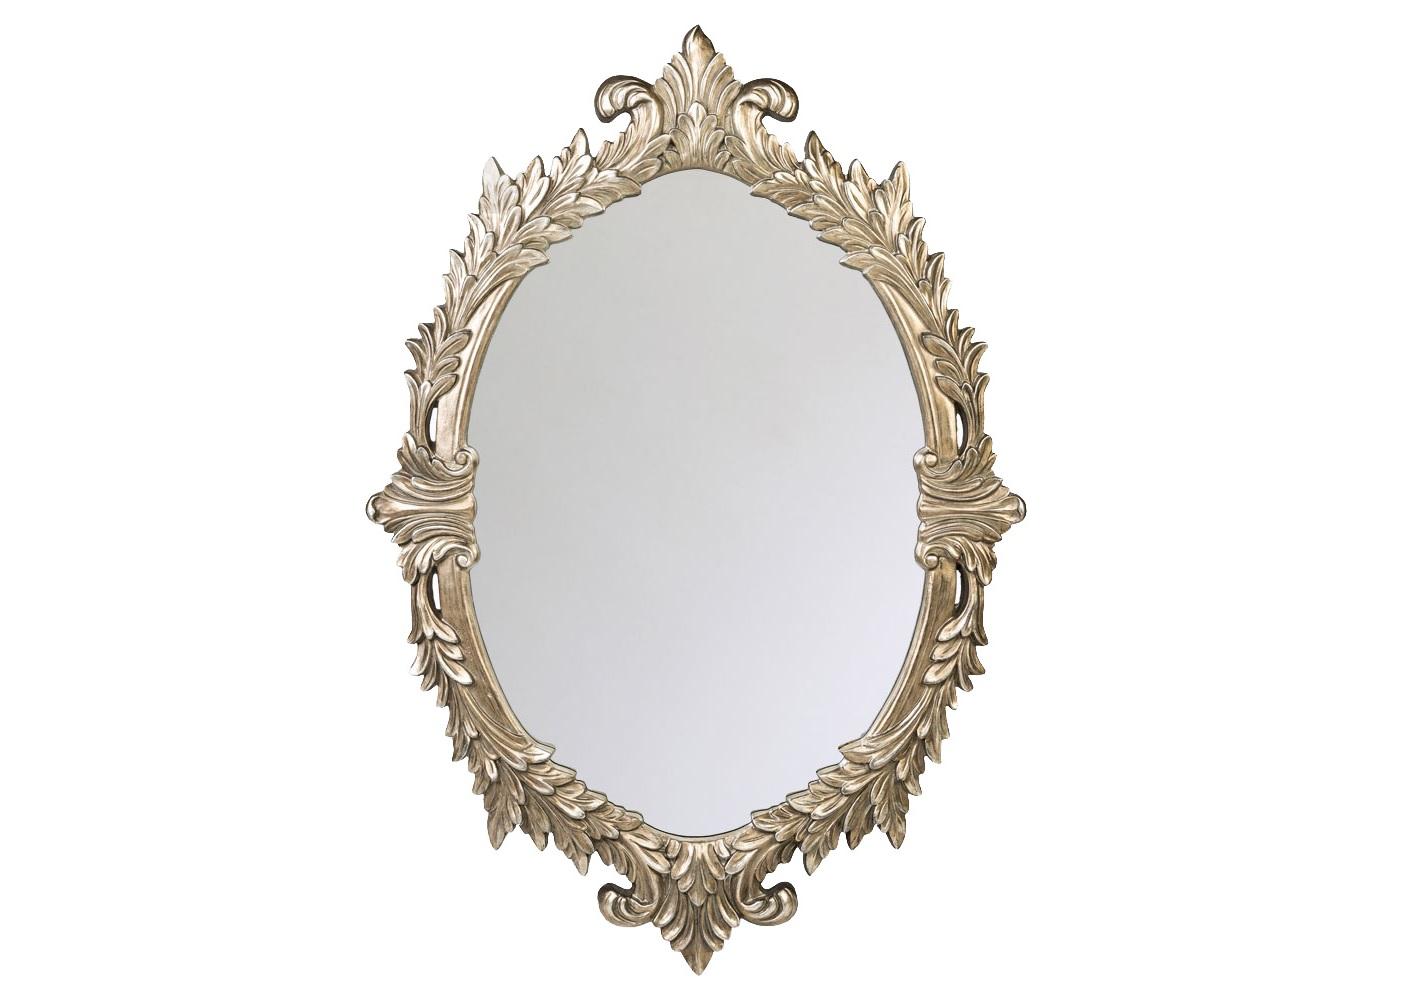 Настенное зеркало АфродитаНастенные зеркала<br>Художественным прототипом зеркала «Афродита»  являются старинные овальные картинные рамы.  Дворцовая стилистика этого зеркала свойственна классическим жанрам &amp;quot;ренессанс&amp;quot;, &amp;quot;ампир&amp;quot;, &amp;quot;рококо&amp;quot;, &amp;quot;барокко&amp;quot;, &amp;quot;ар-деко&amp;quot;. Пред лицом такого зеркала любая модная примерка разыграется в торжество версальского бала!  Зеркало имеет толщину 4 мм, покрыто  серебряной амальгамой. Рама изготовлена из полиуретана, который   имитирует любые материалы. На первый взгляд оправа зеркала  не отличается от металлической.<br><br>Material: Полиуретан<br>Width см: 129<br>Depth см: 3.5<br>Height см: 88